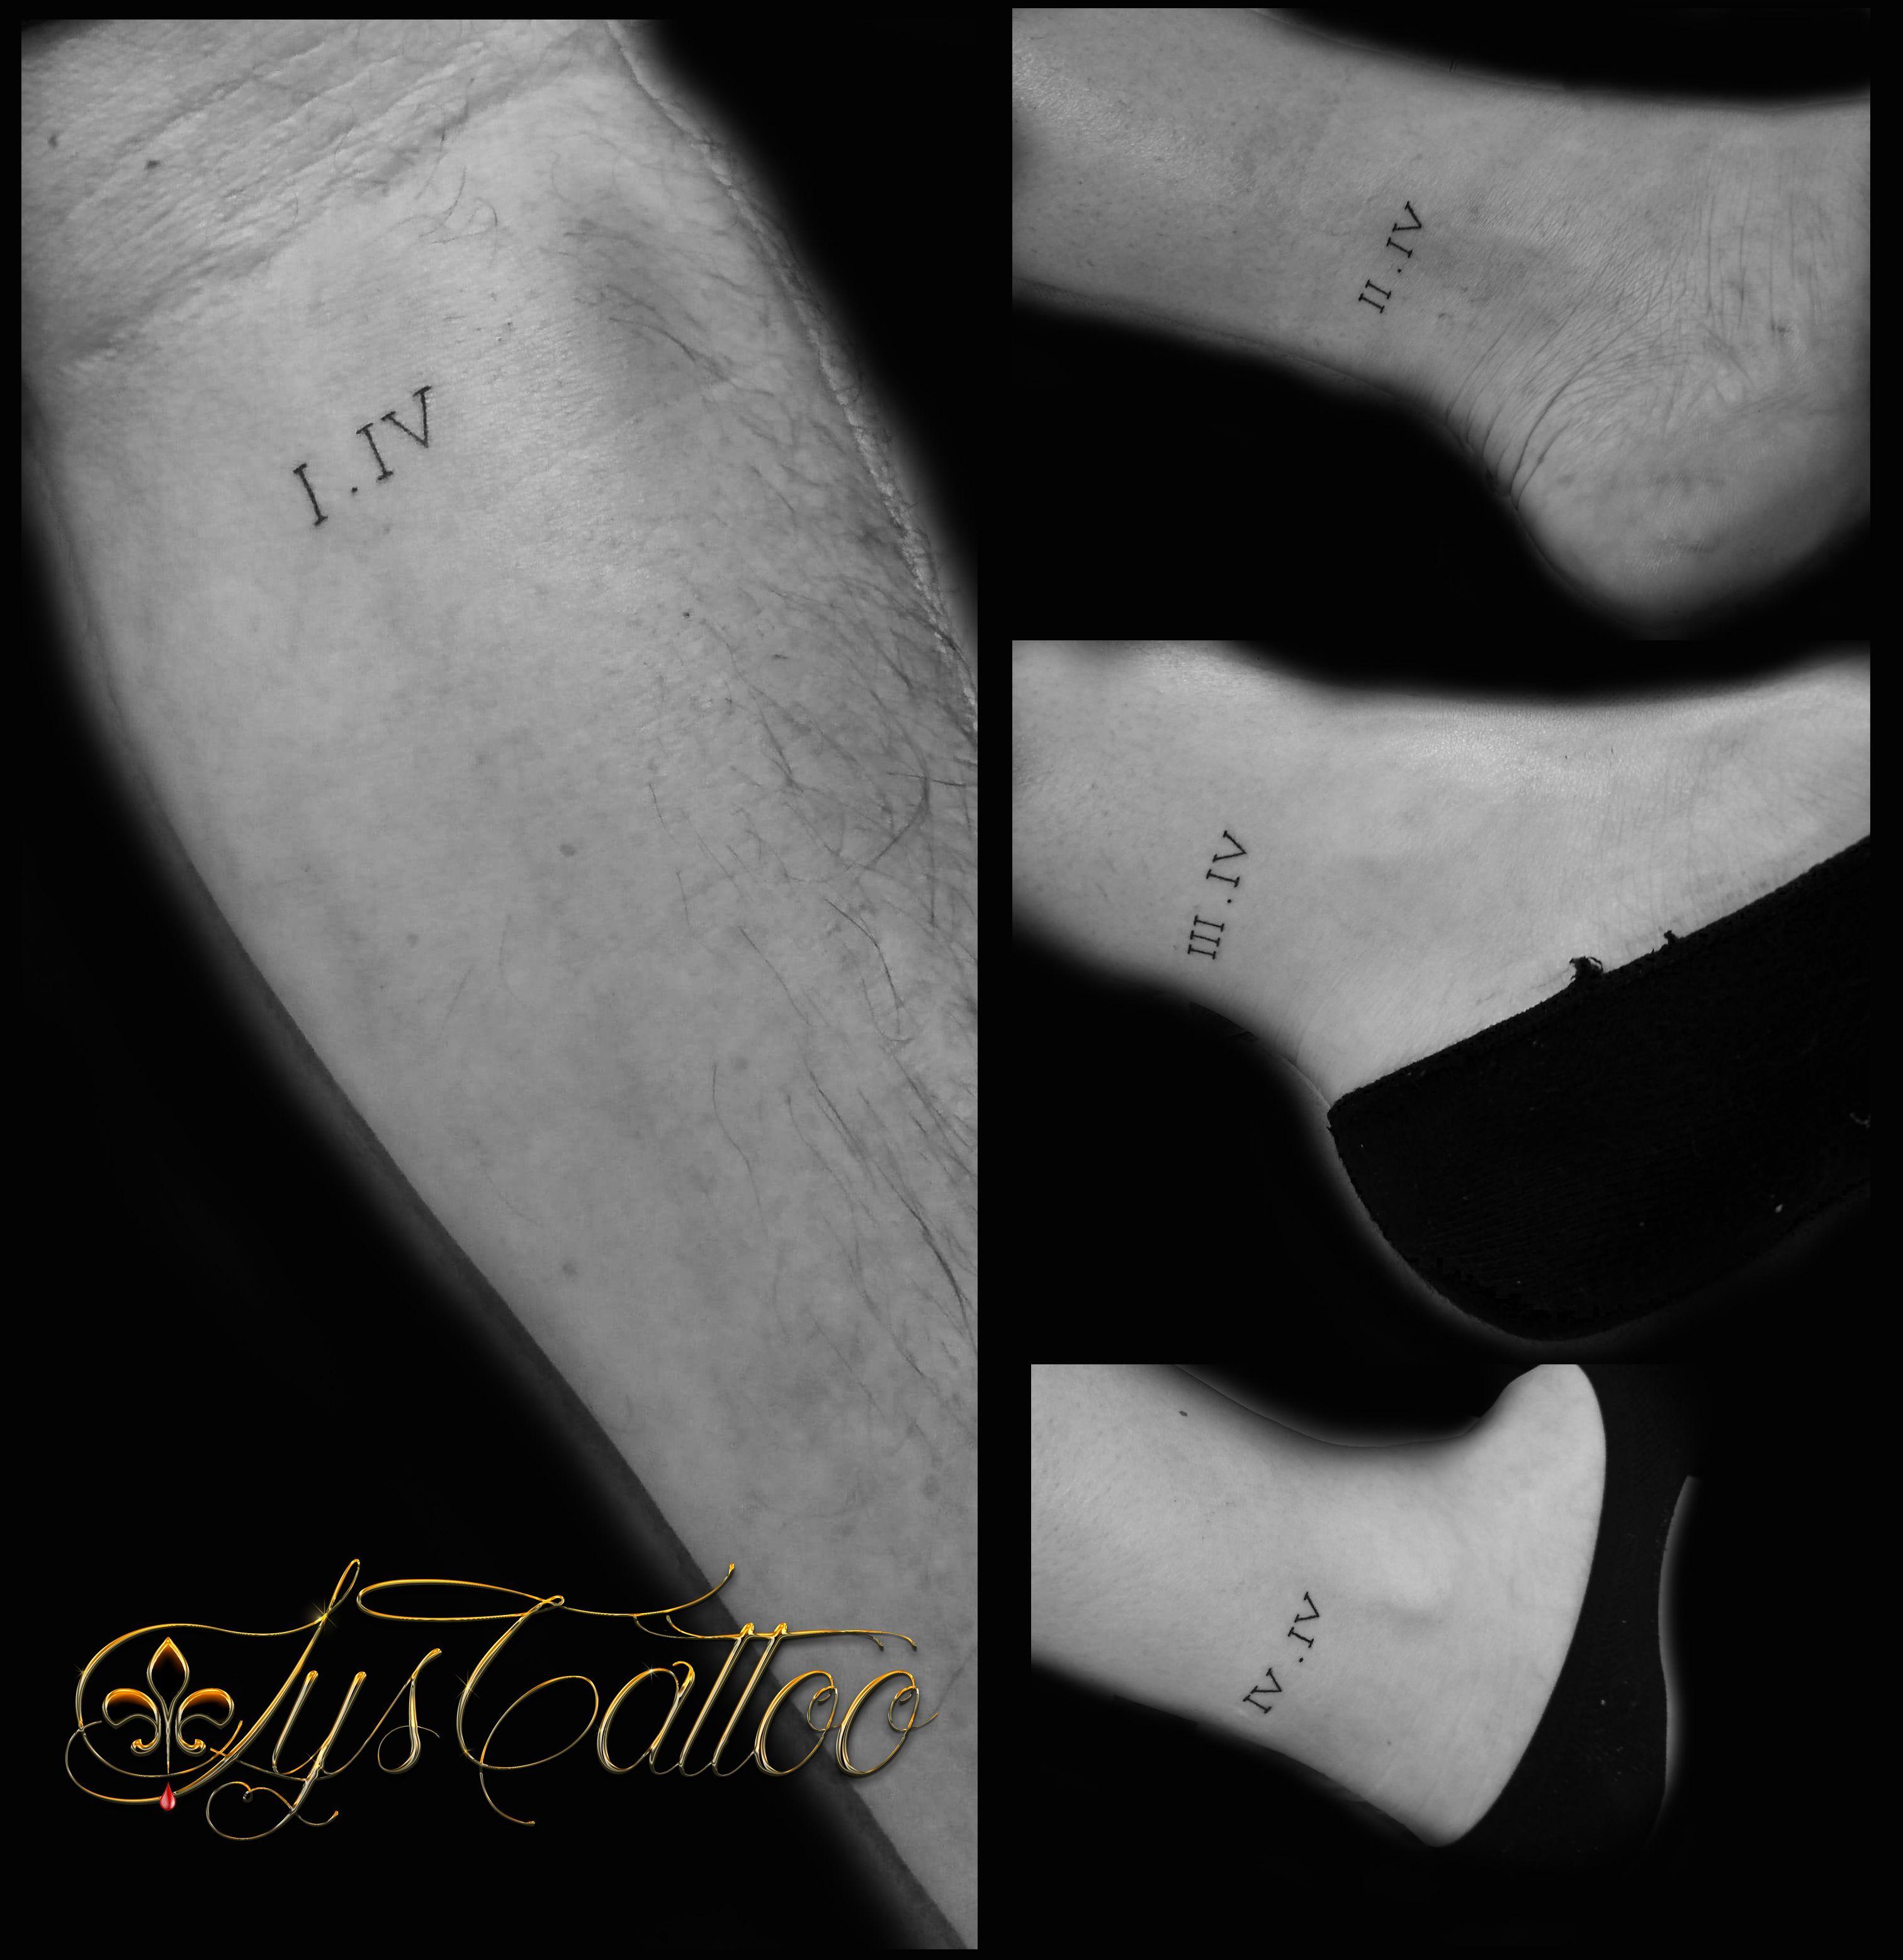 tatouage en commun de famille chiffres romains tatouage. Black Bedroom Furniture Sets. Home Design Ideas